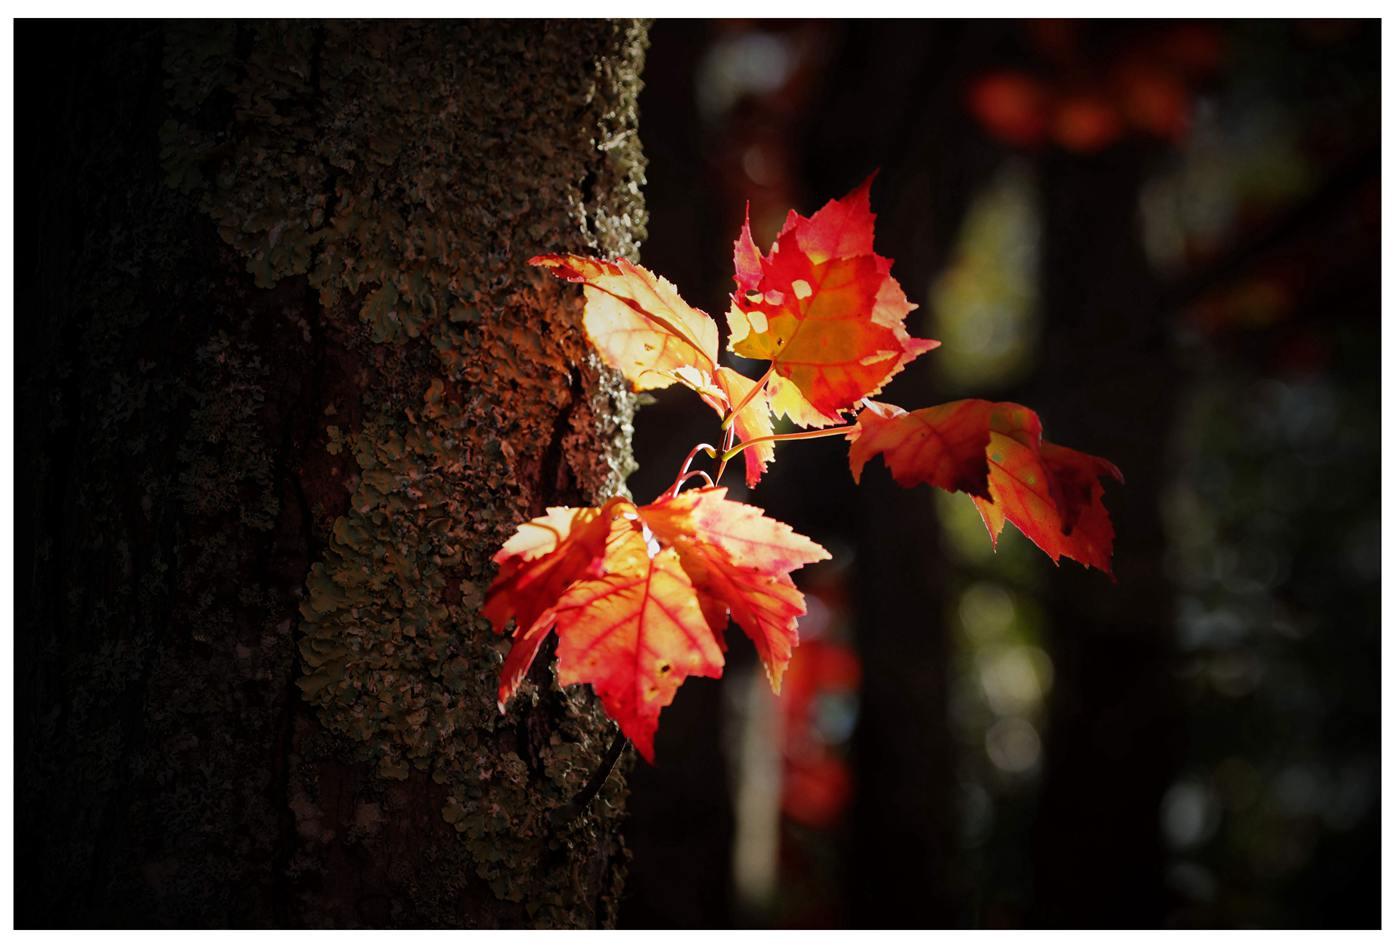 风光] 叶到红时勘比花—实拍美国东部深秋红叶_图1-24